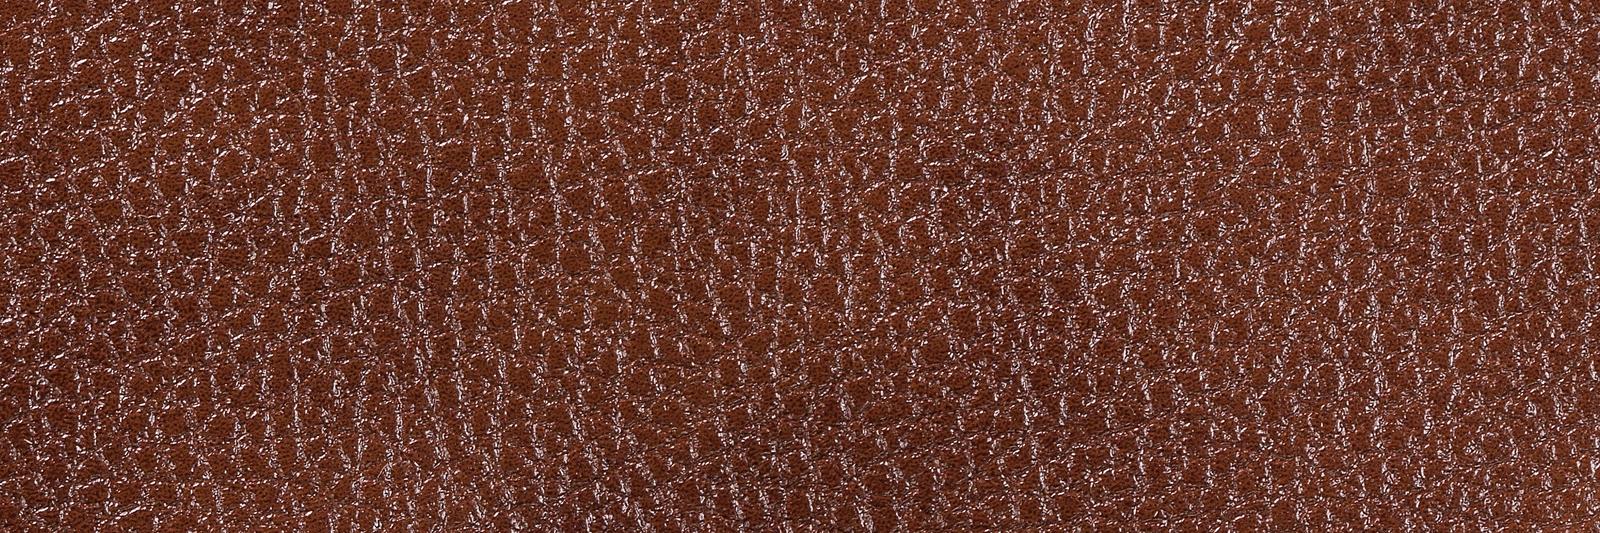 Диван кожаный угловой HomeMe от HomeMe.ru